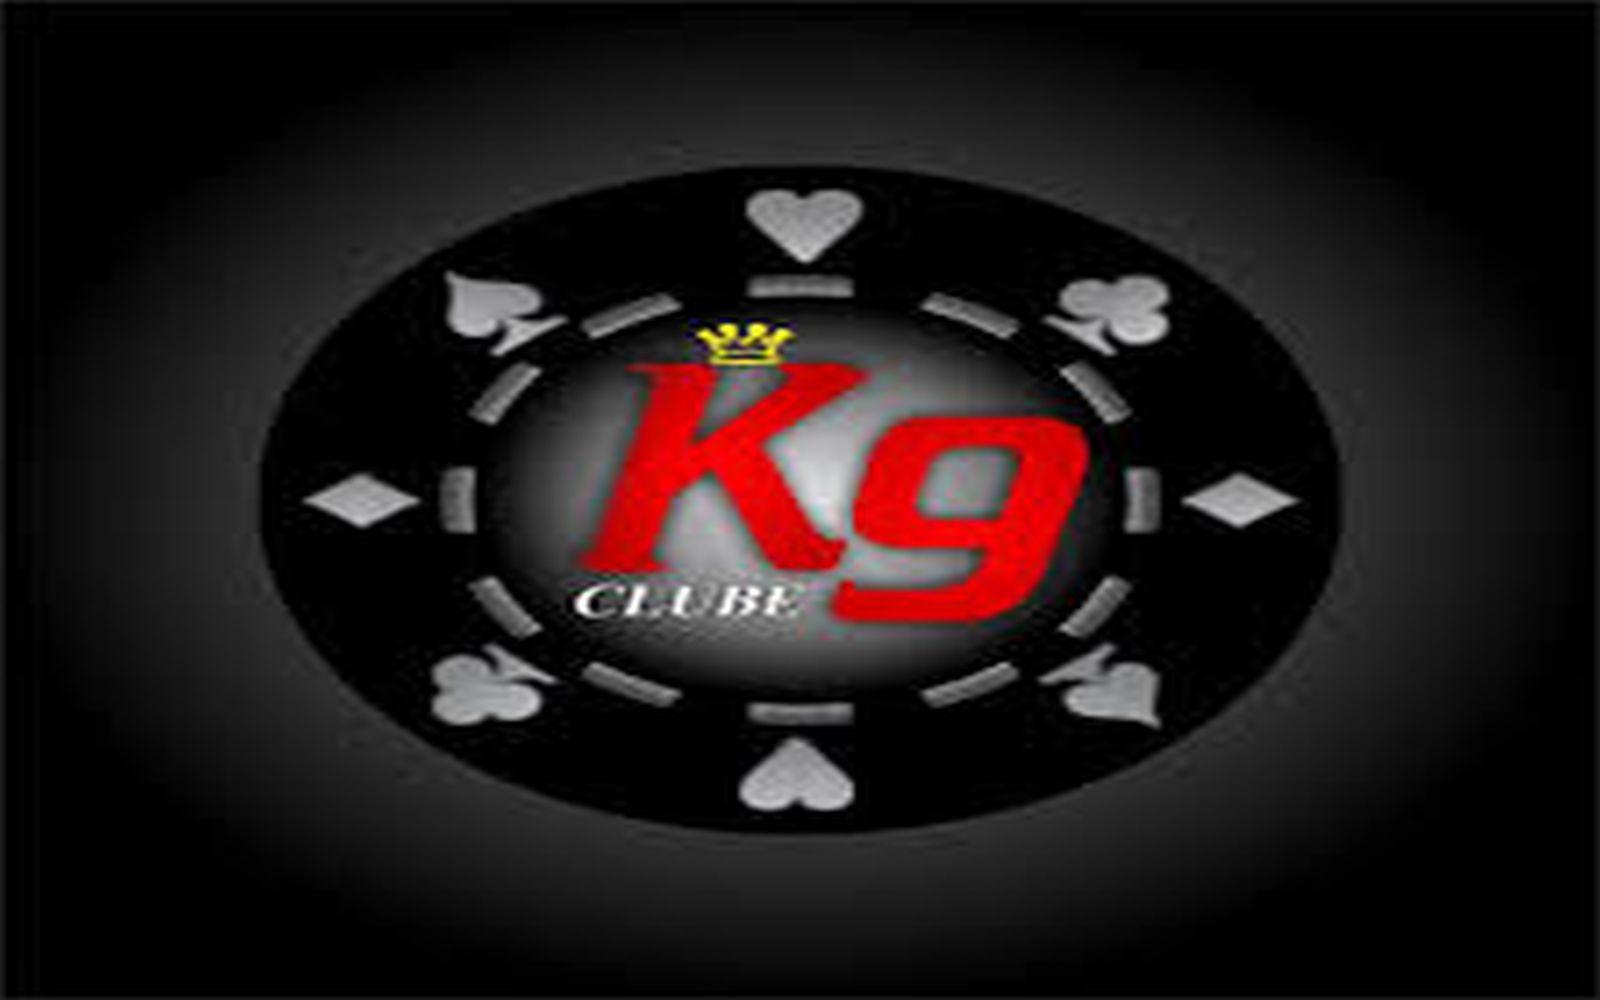 Clube K9